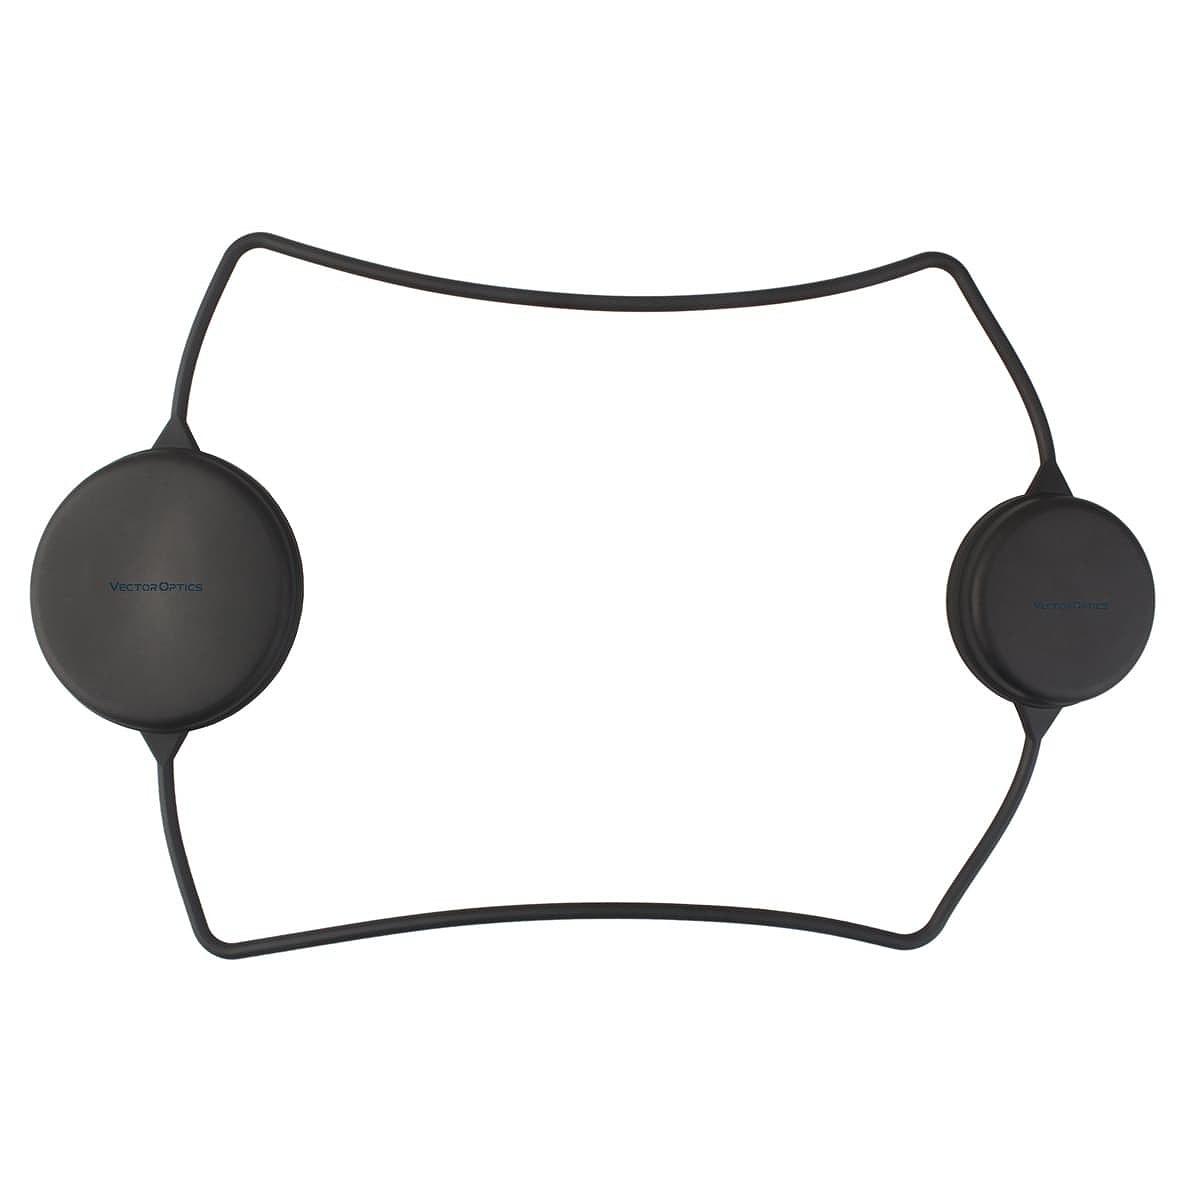 【お届け予定日: 5月30日】ベクターオプティクス ライフルスコープ Vantage 3-18x44  Vector Optics SCOL-23